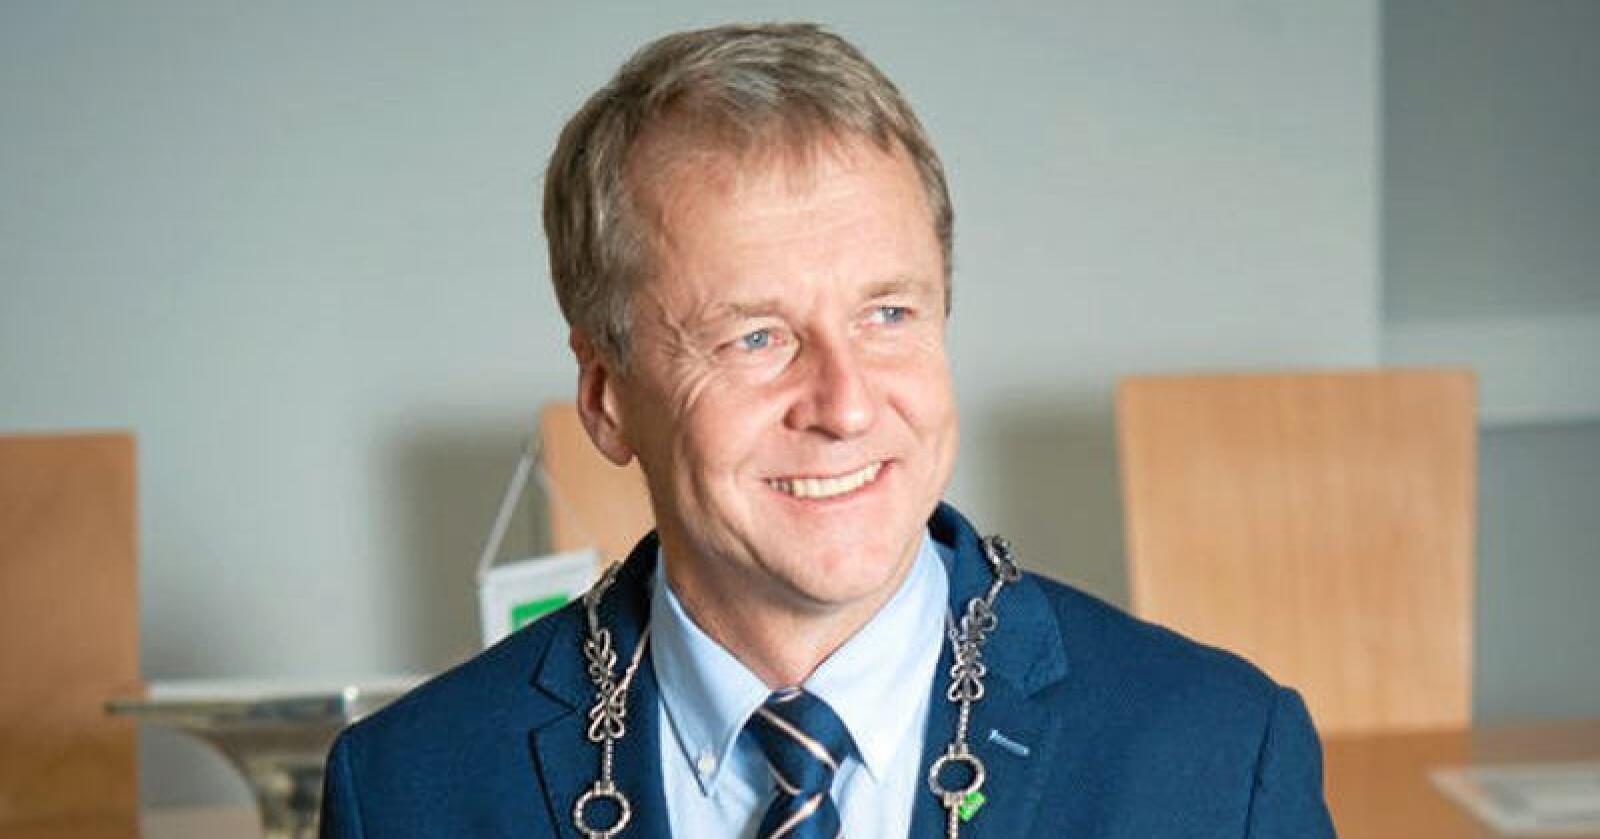 Saxe Frøshaug, Senterpartiet, ser ut til å bli ordfører i nye Indre Østfold kommune. Foto: Trøgstad kommune